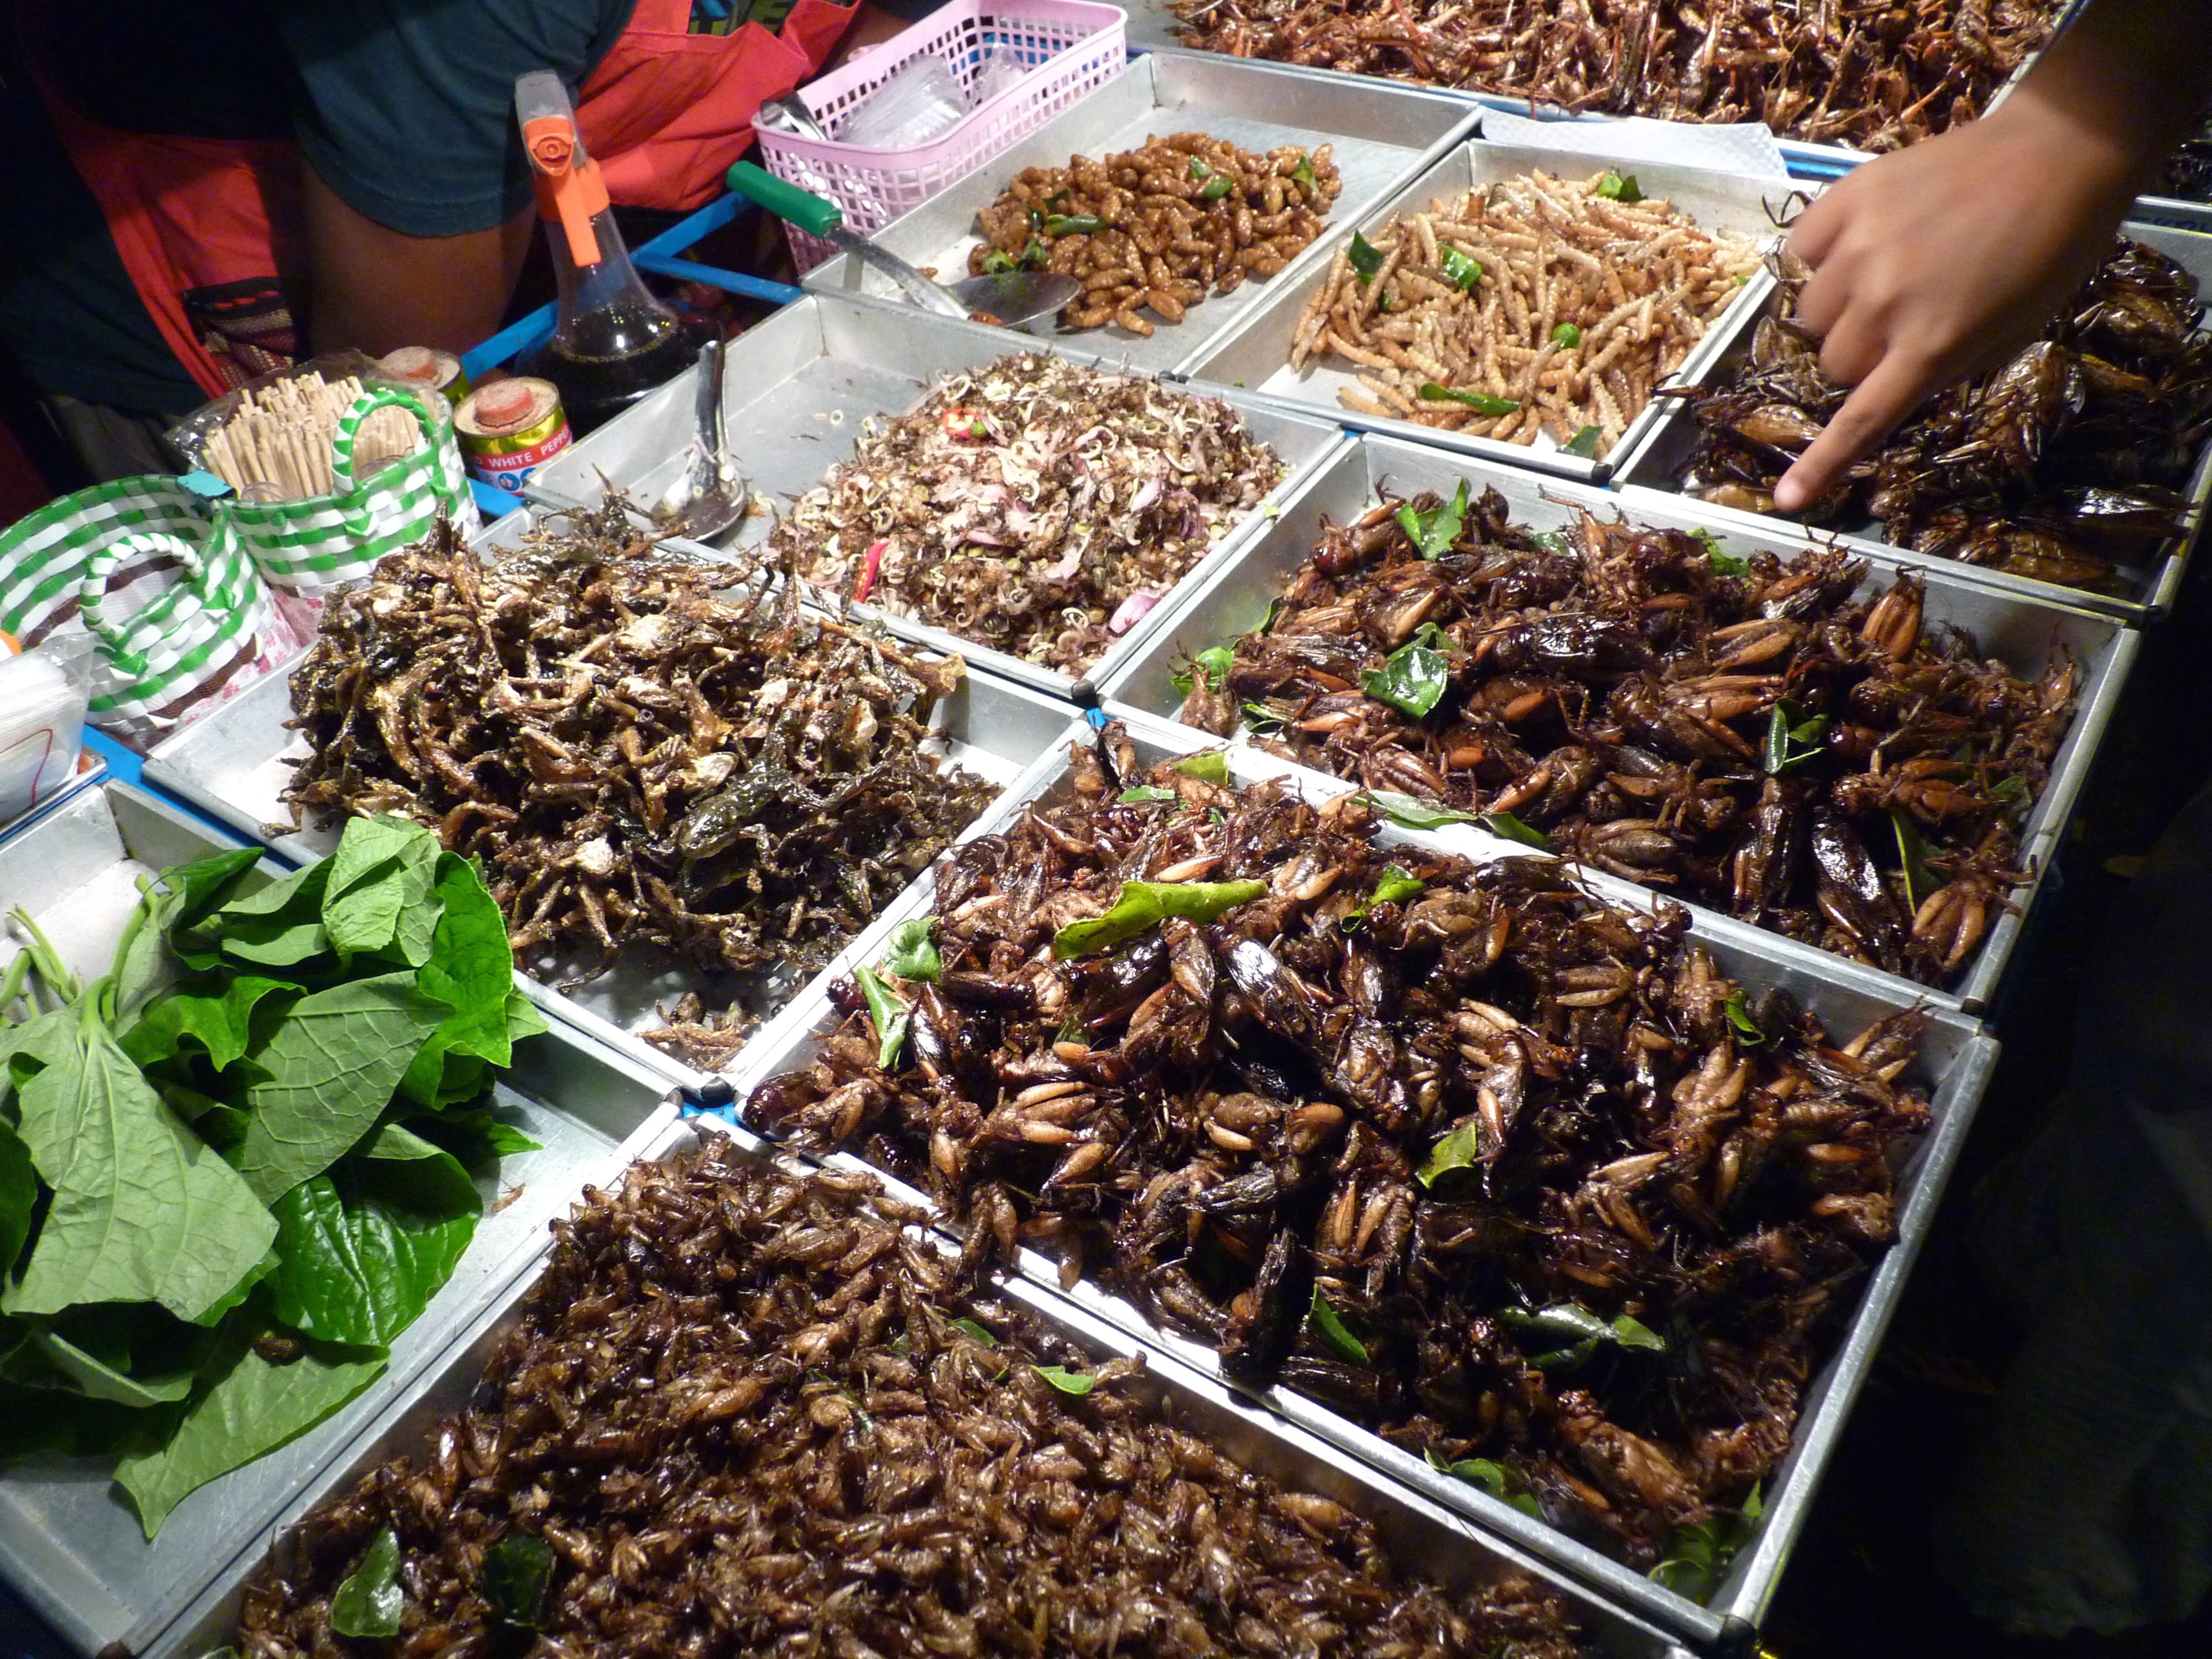 10 thứ kỳ lạ và hay ho có thể mua làm quà ở chợ đêm Chiang Mai